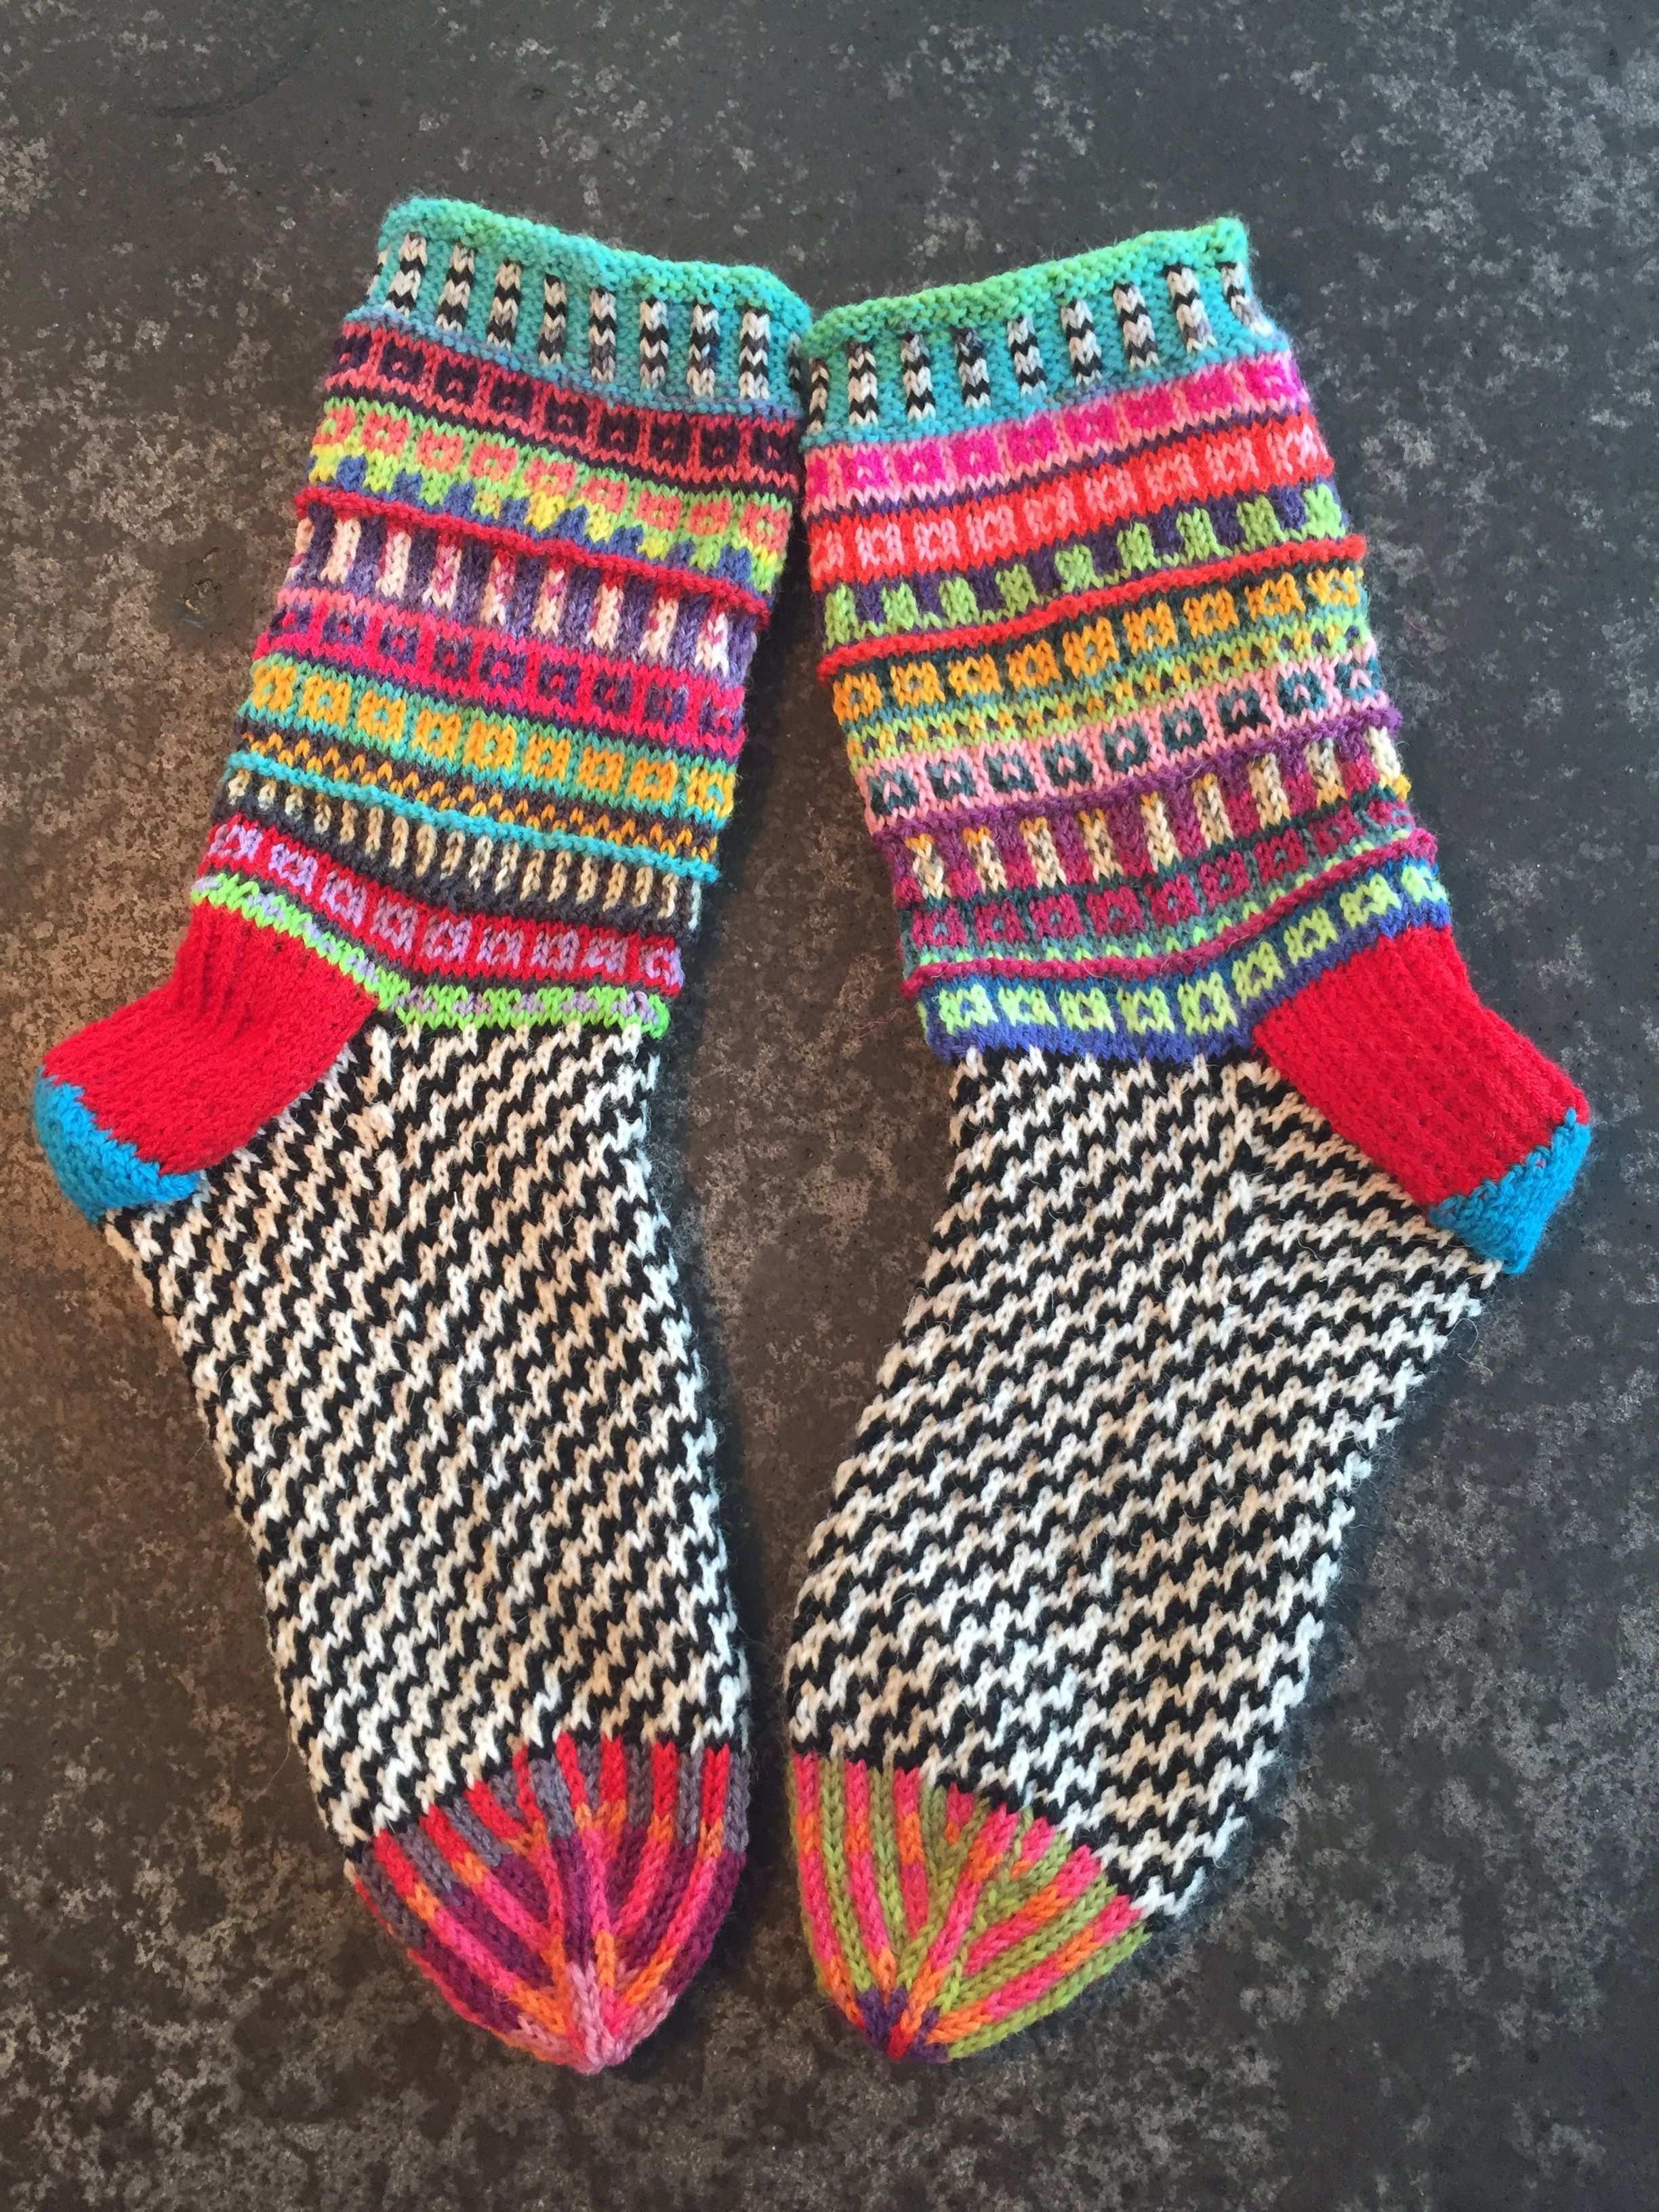 24 2018 Socken Stricken Muster Socken Stricken Stricken Ohne Naht